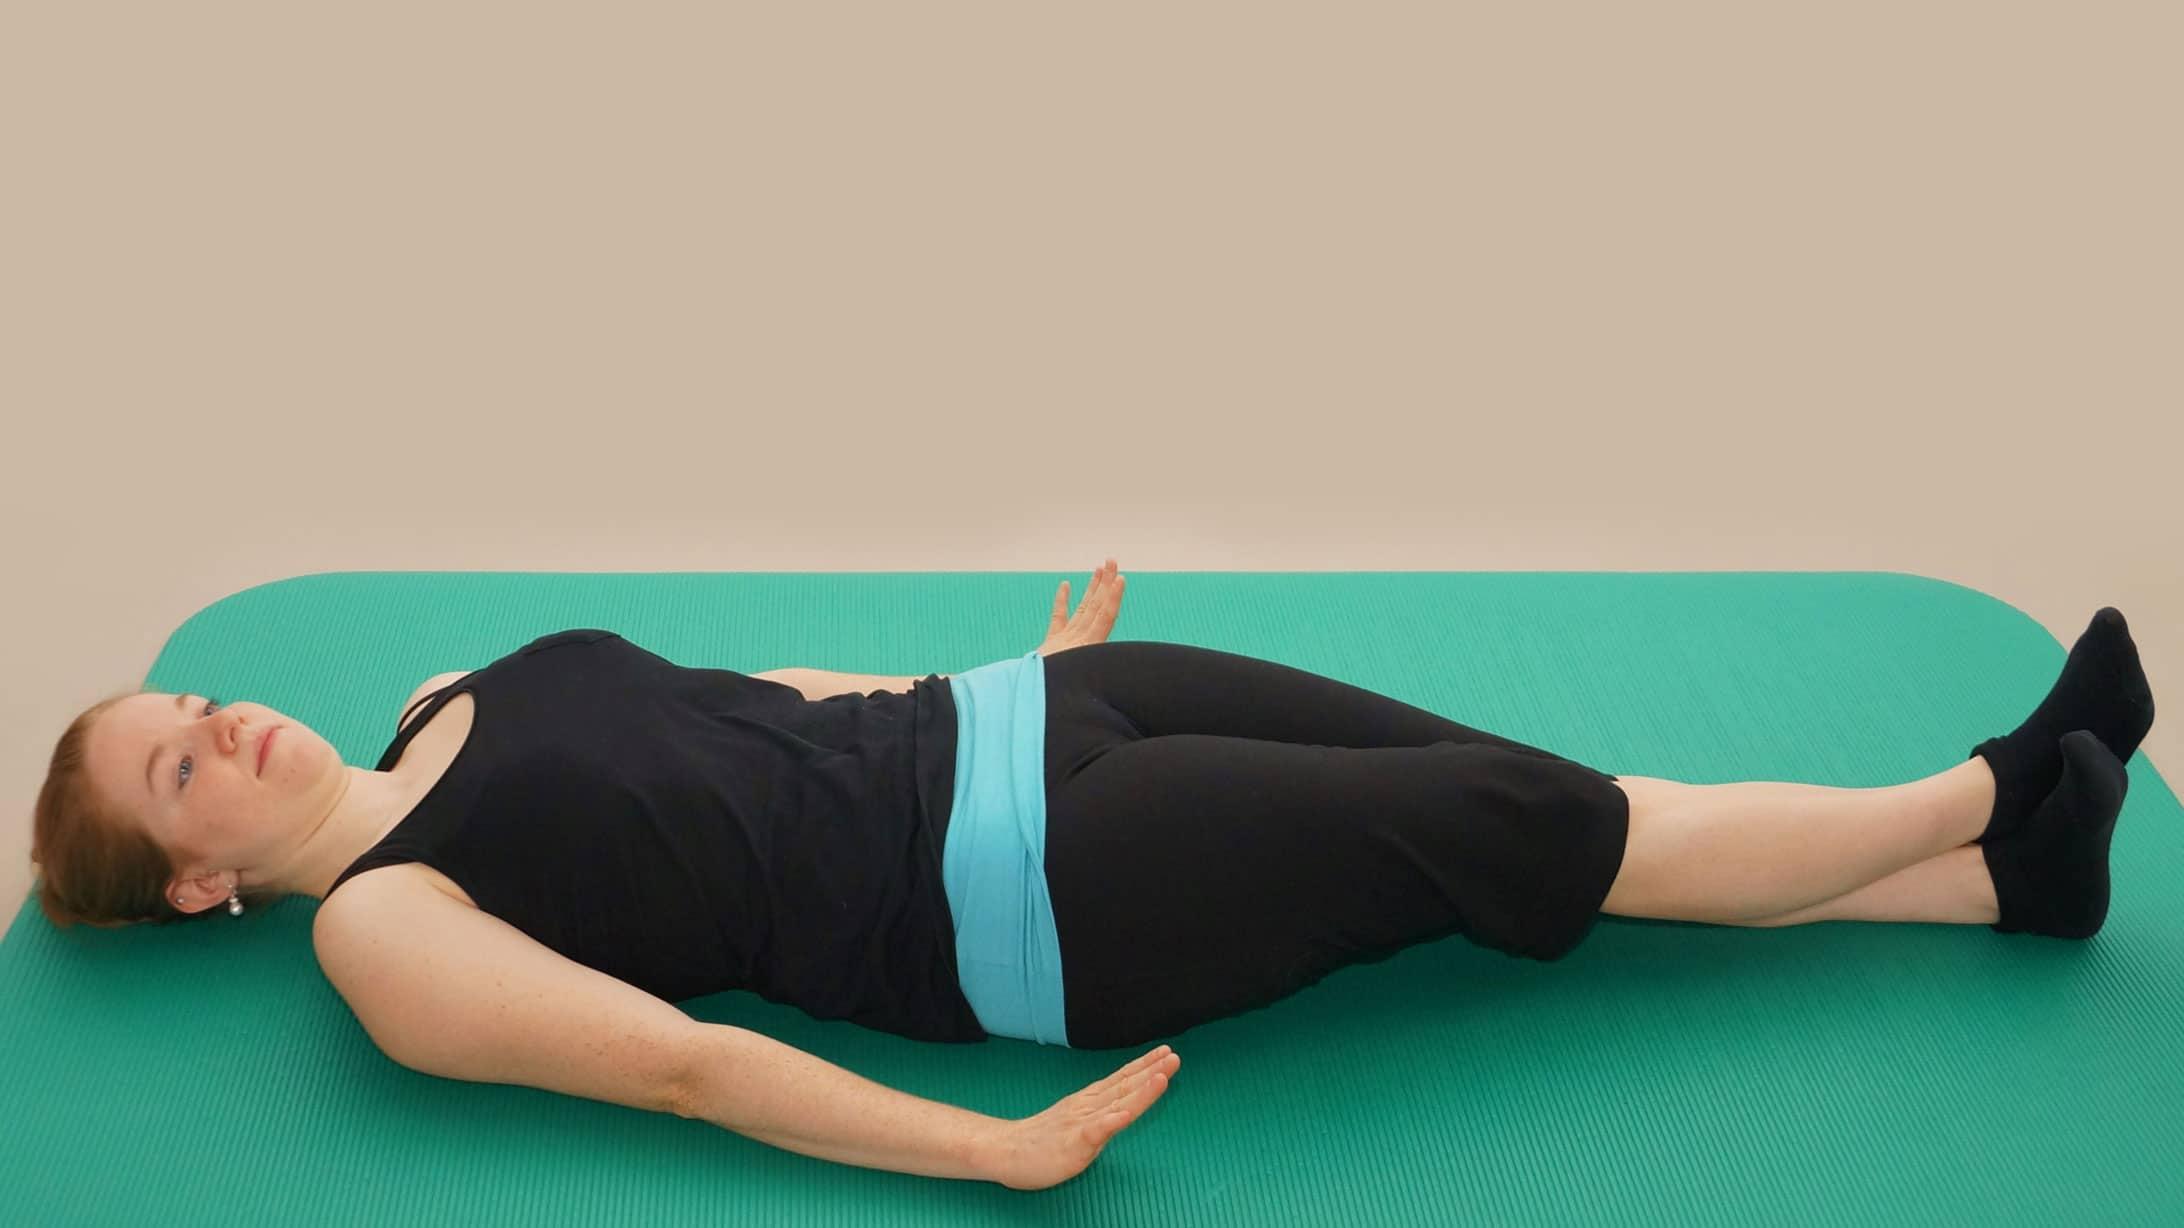 Rückbildungsgymnastik: Eine junge Frau liegt mit ausgestreckten Armen und überkreuzten Beinen auf einer Yogamatte.